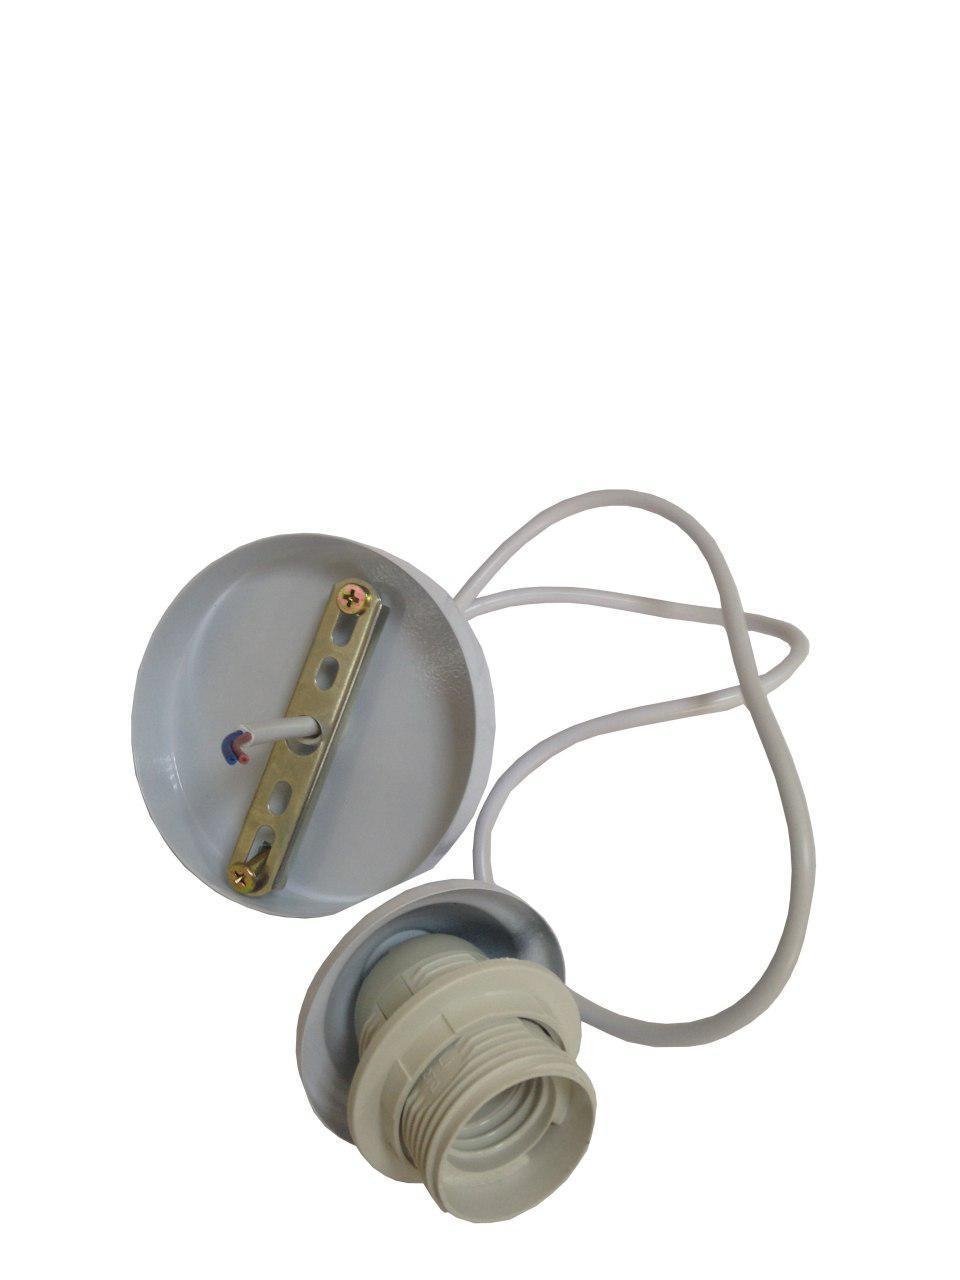 Патрон вінтажний стара латунь мідь люстровий Е27 з чашею з проводом 1М+монт.компл. (200шт/ящ) LUMANO